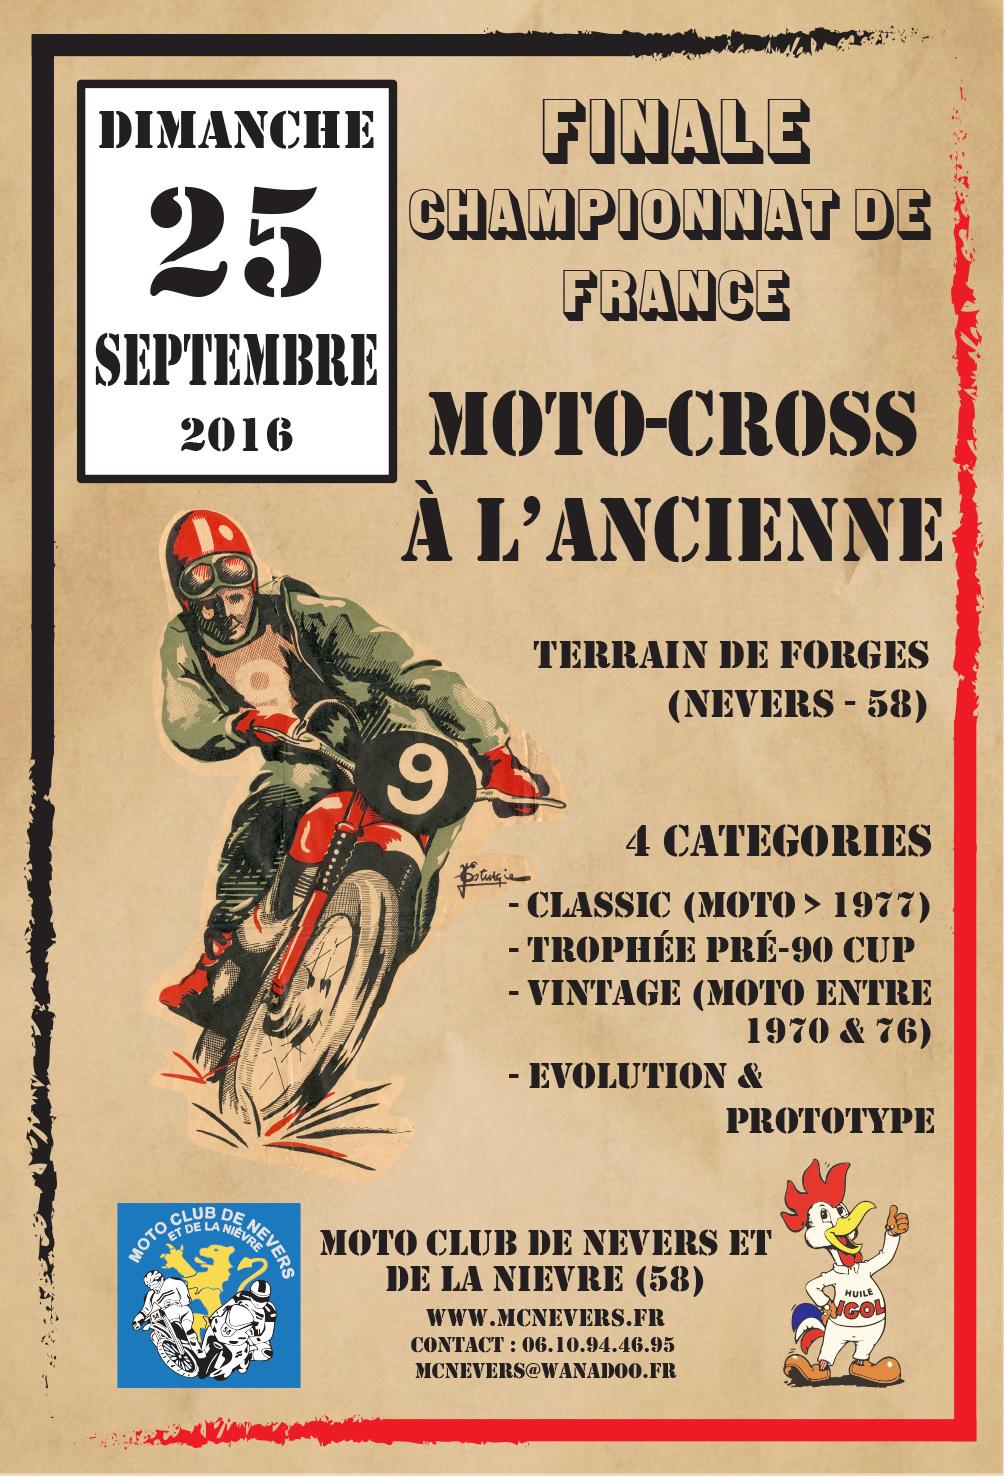 Affiche-MXA-Motocross-anciennes-Forges-2016-v3